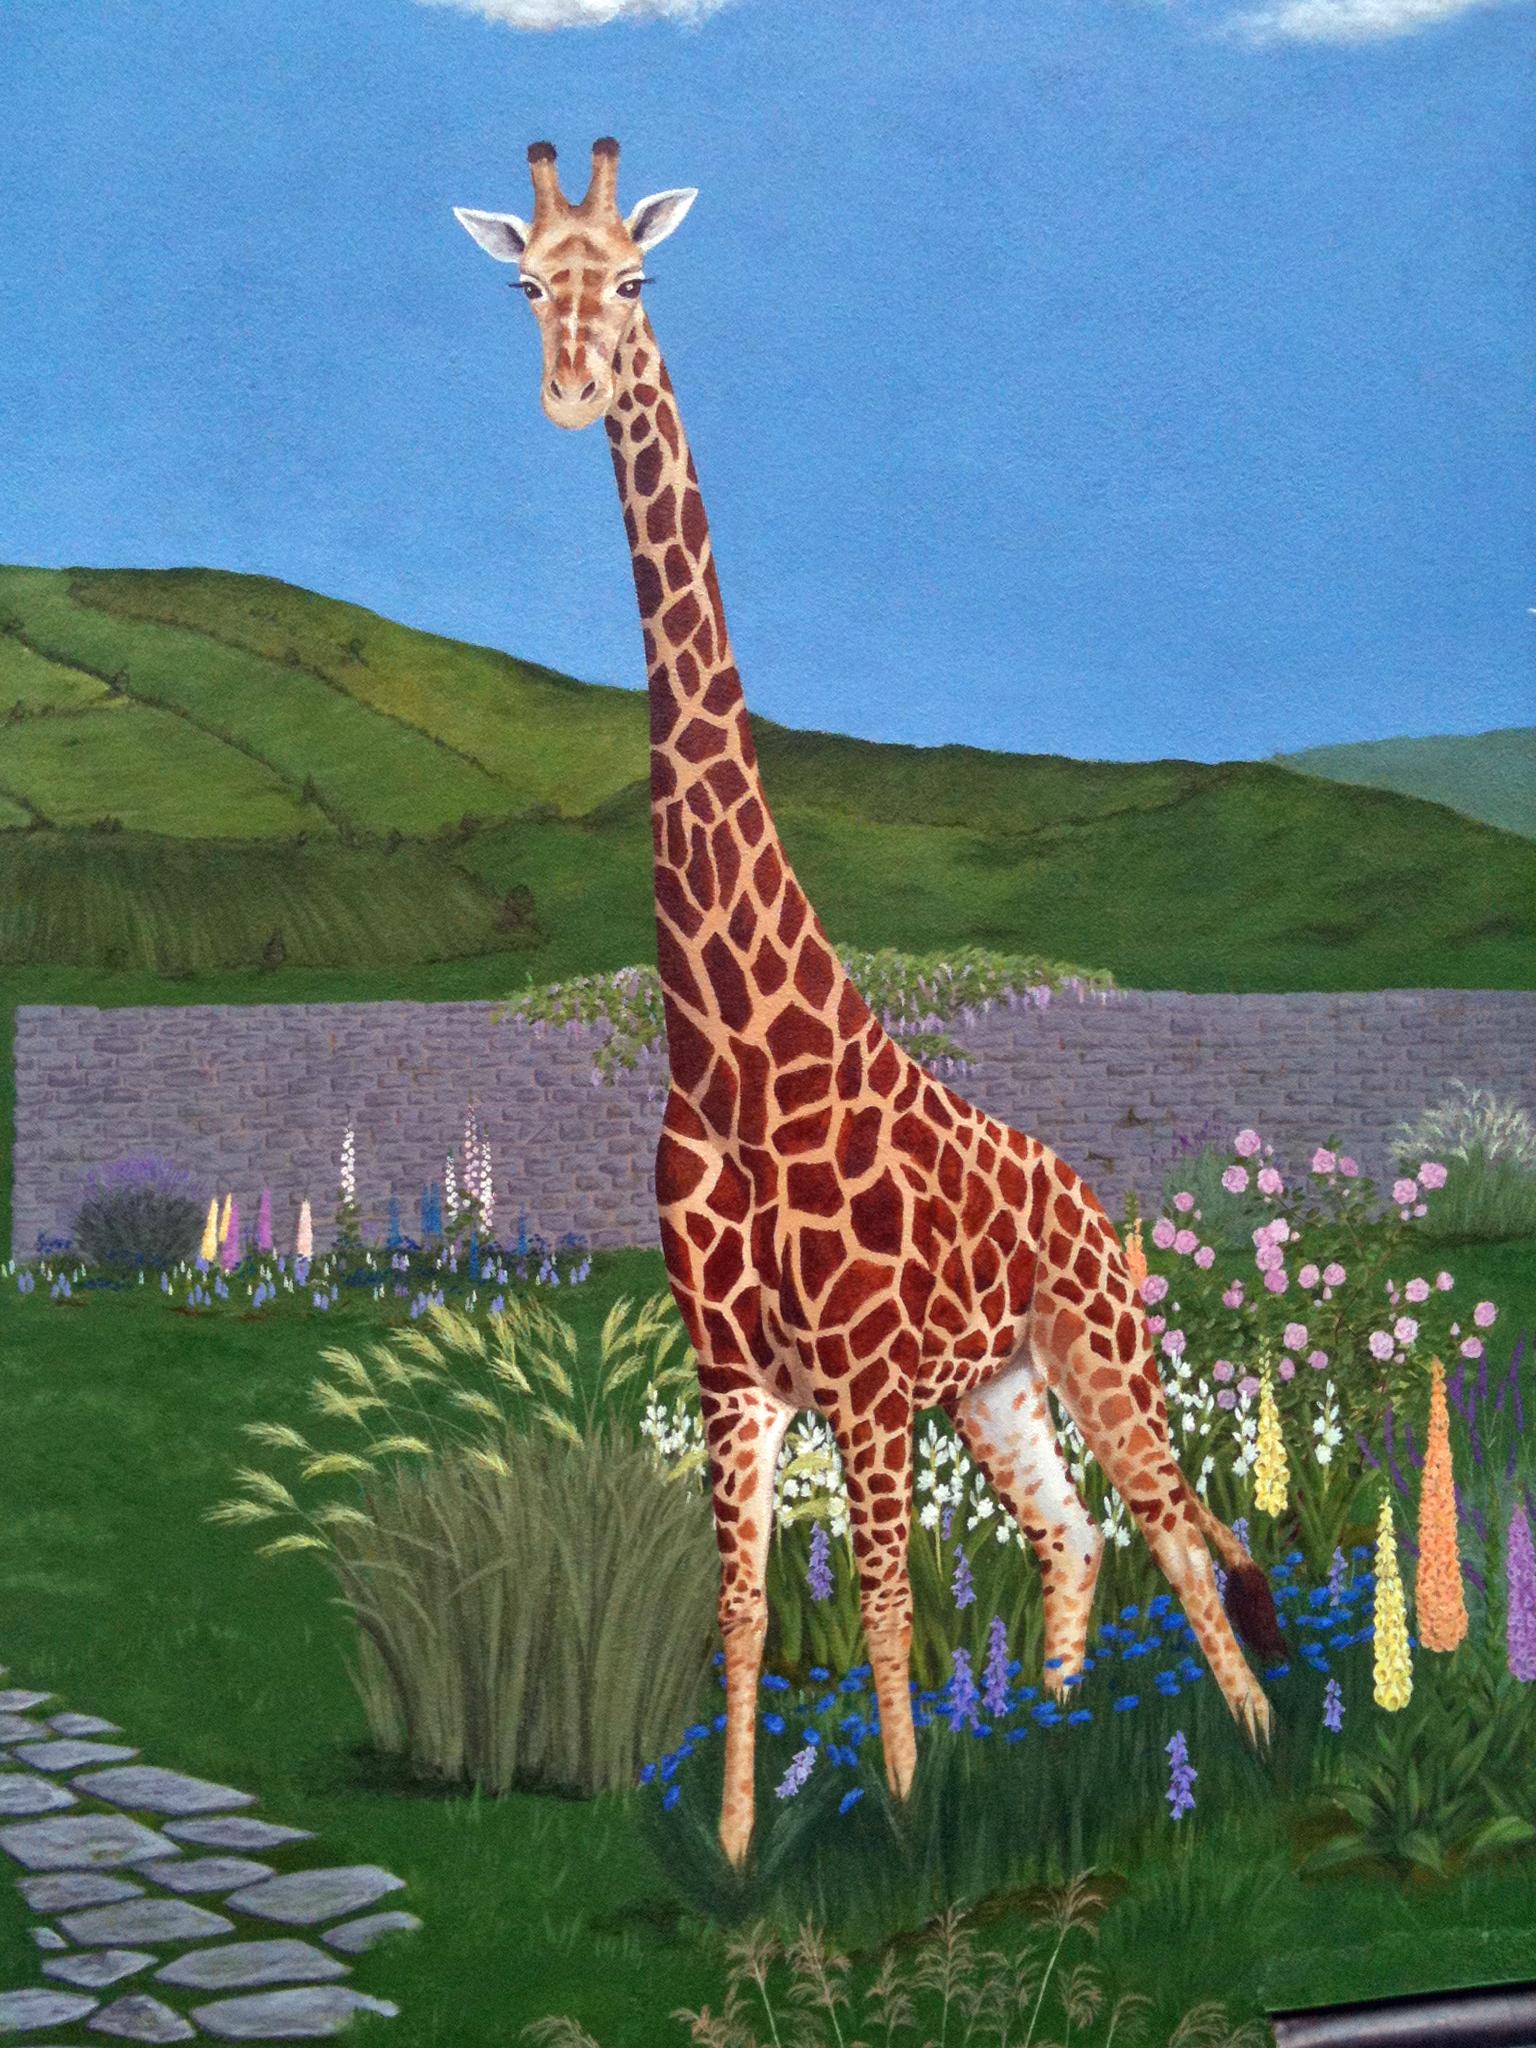 Secret Garden 3 Frederick Wimsett - murals and artistic design - other projects.jpg